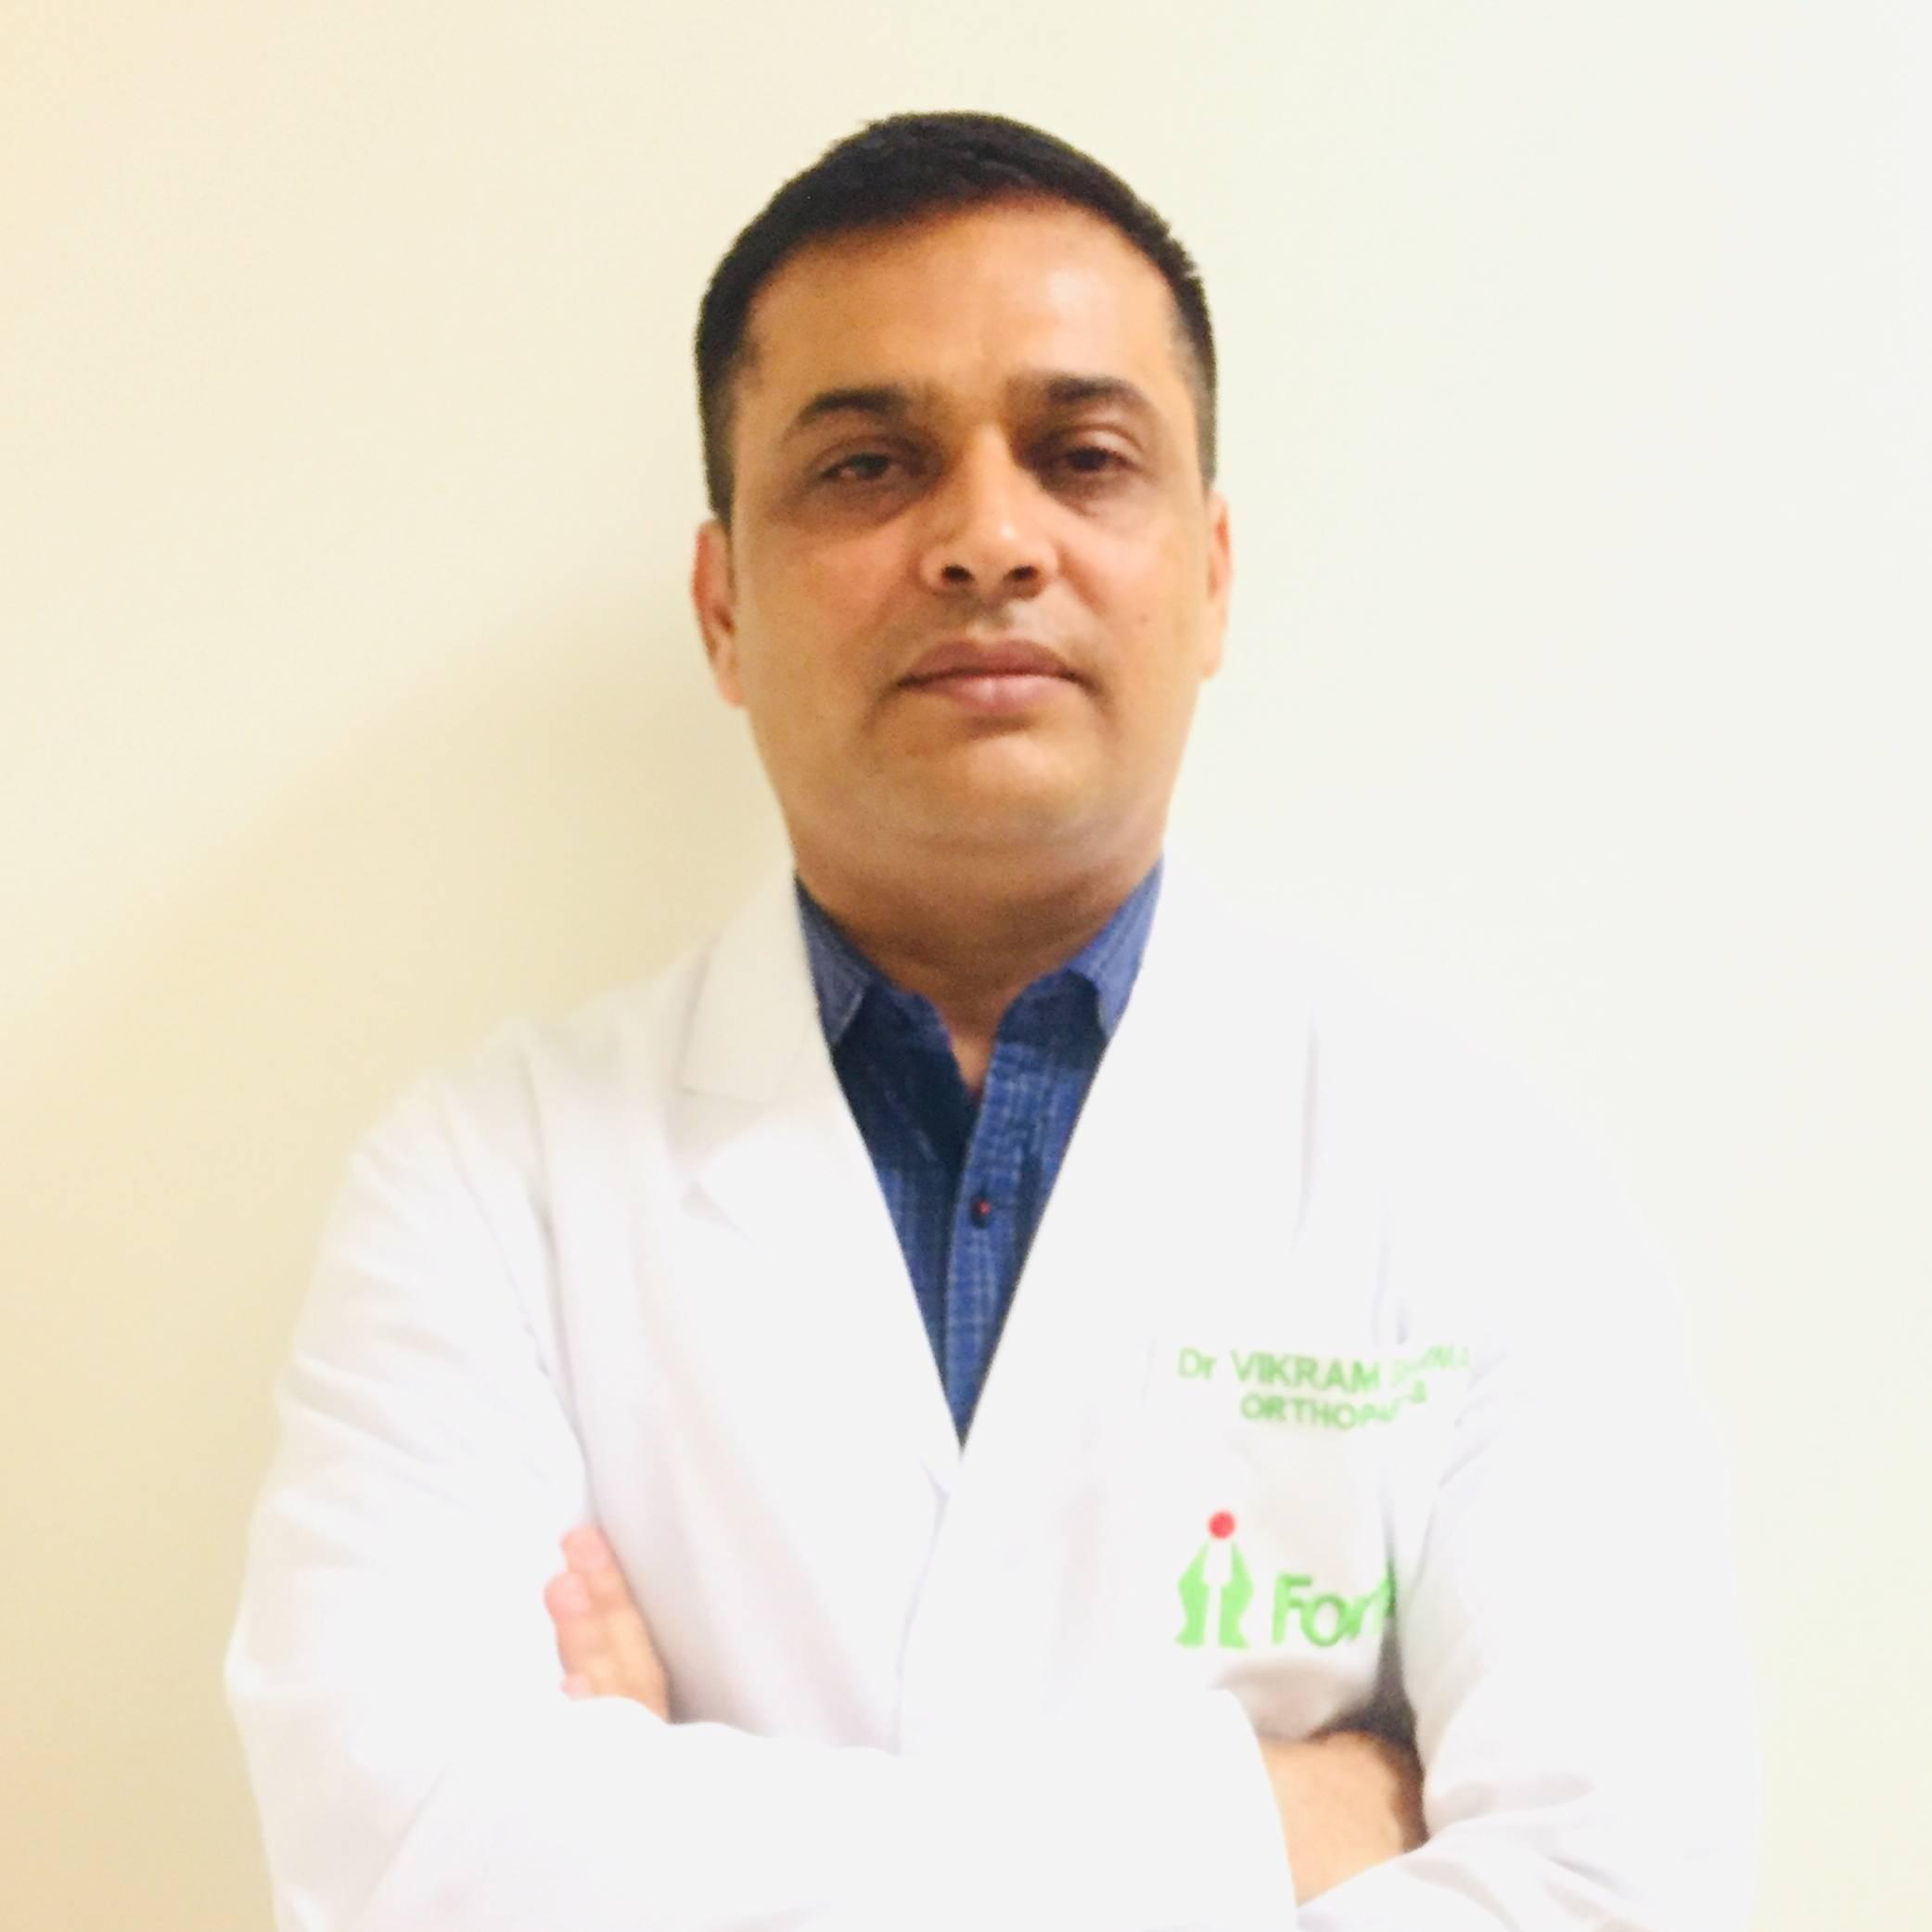 Dr. VIKRAM SHARMA .